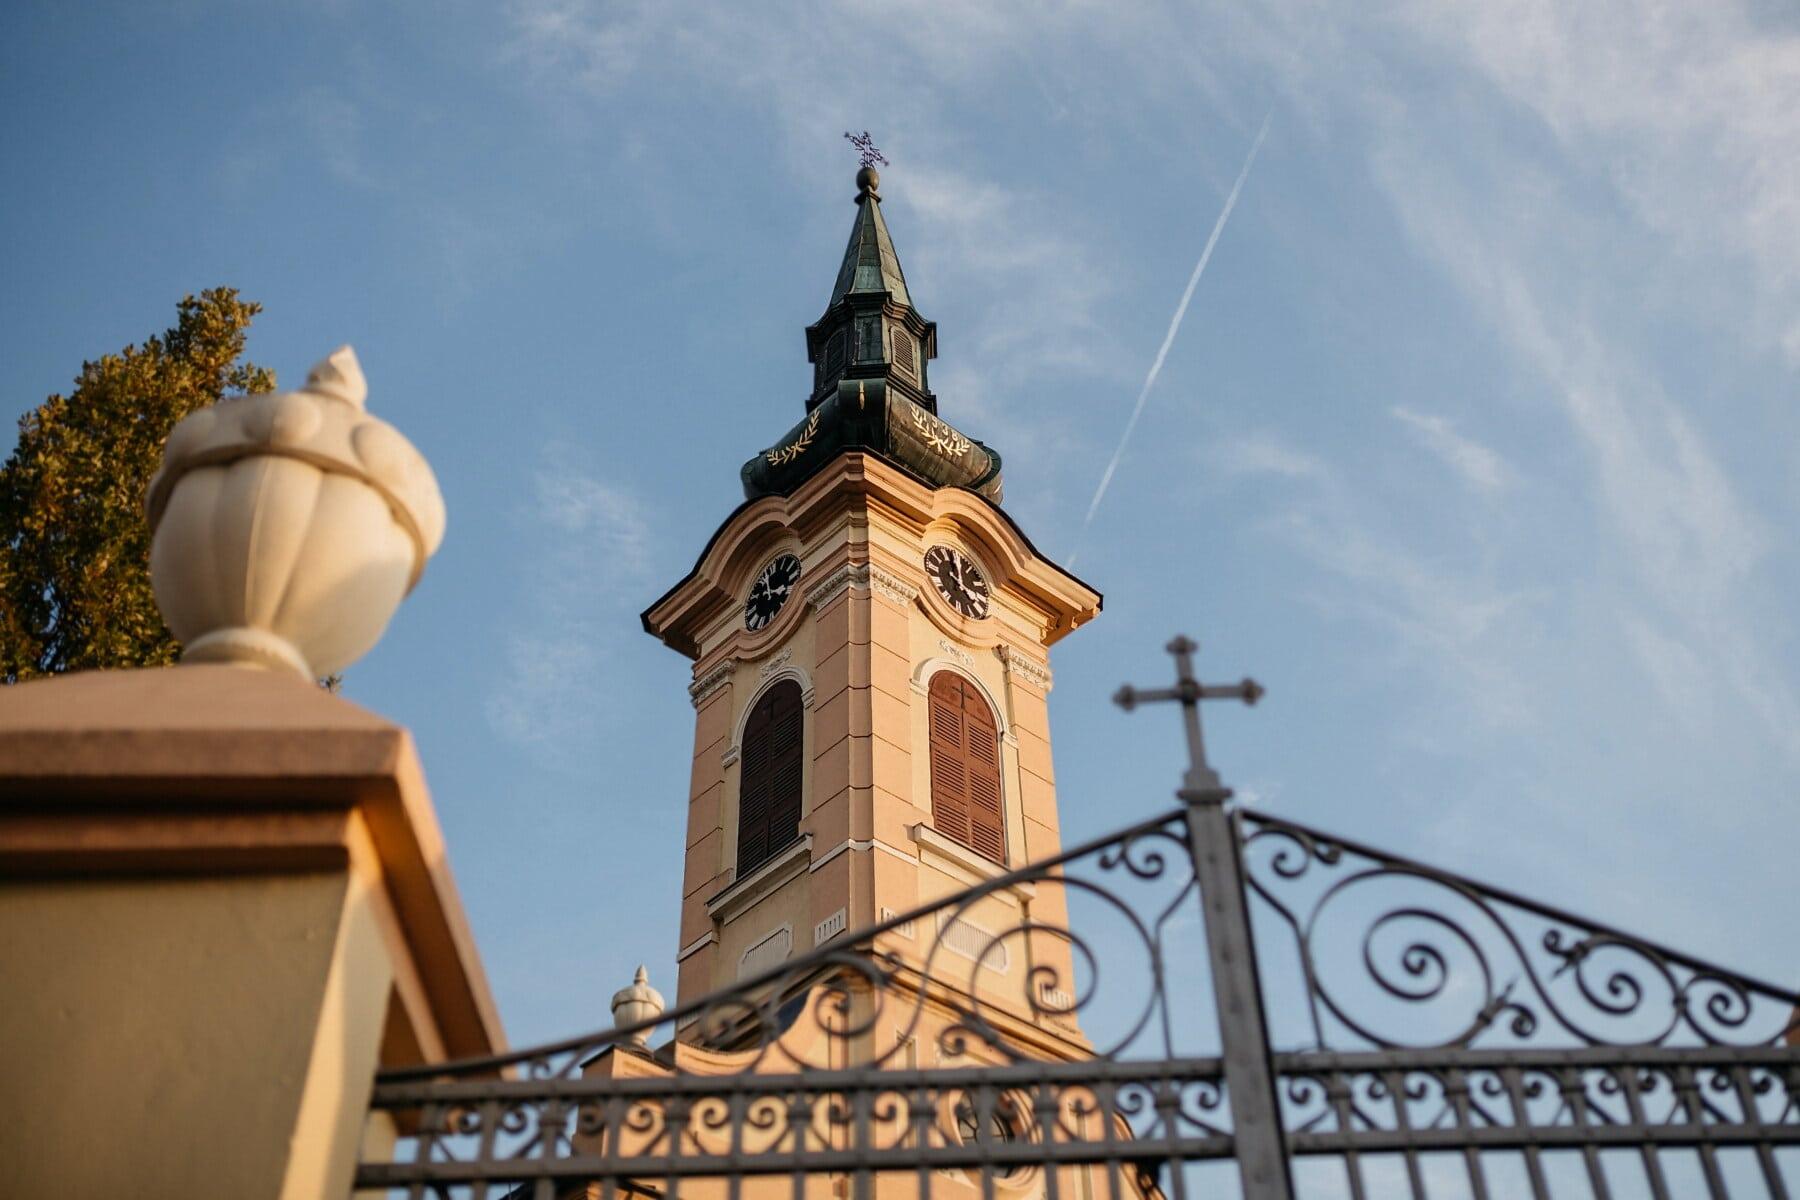 crkveni toranj, visoko, ograda, pristupnik, lijevano željezo, trg, kut, kutak, toranj, staro